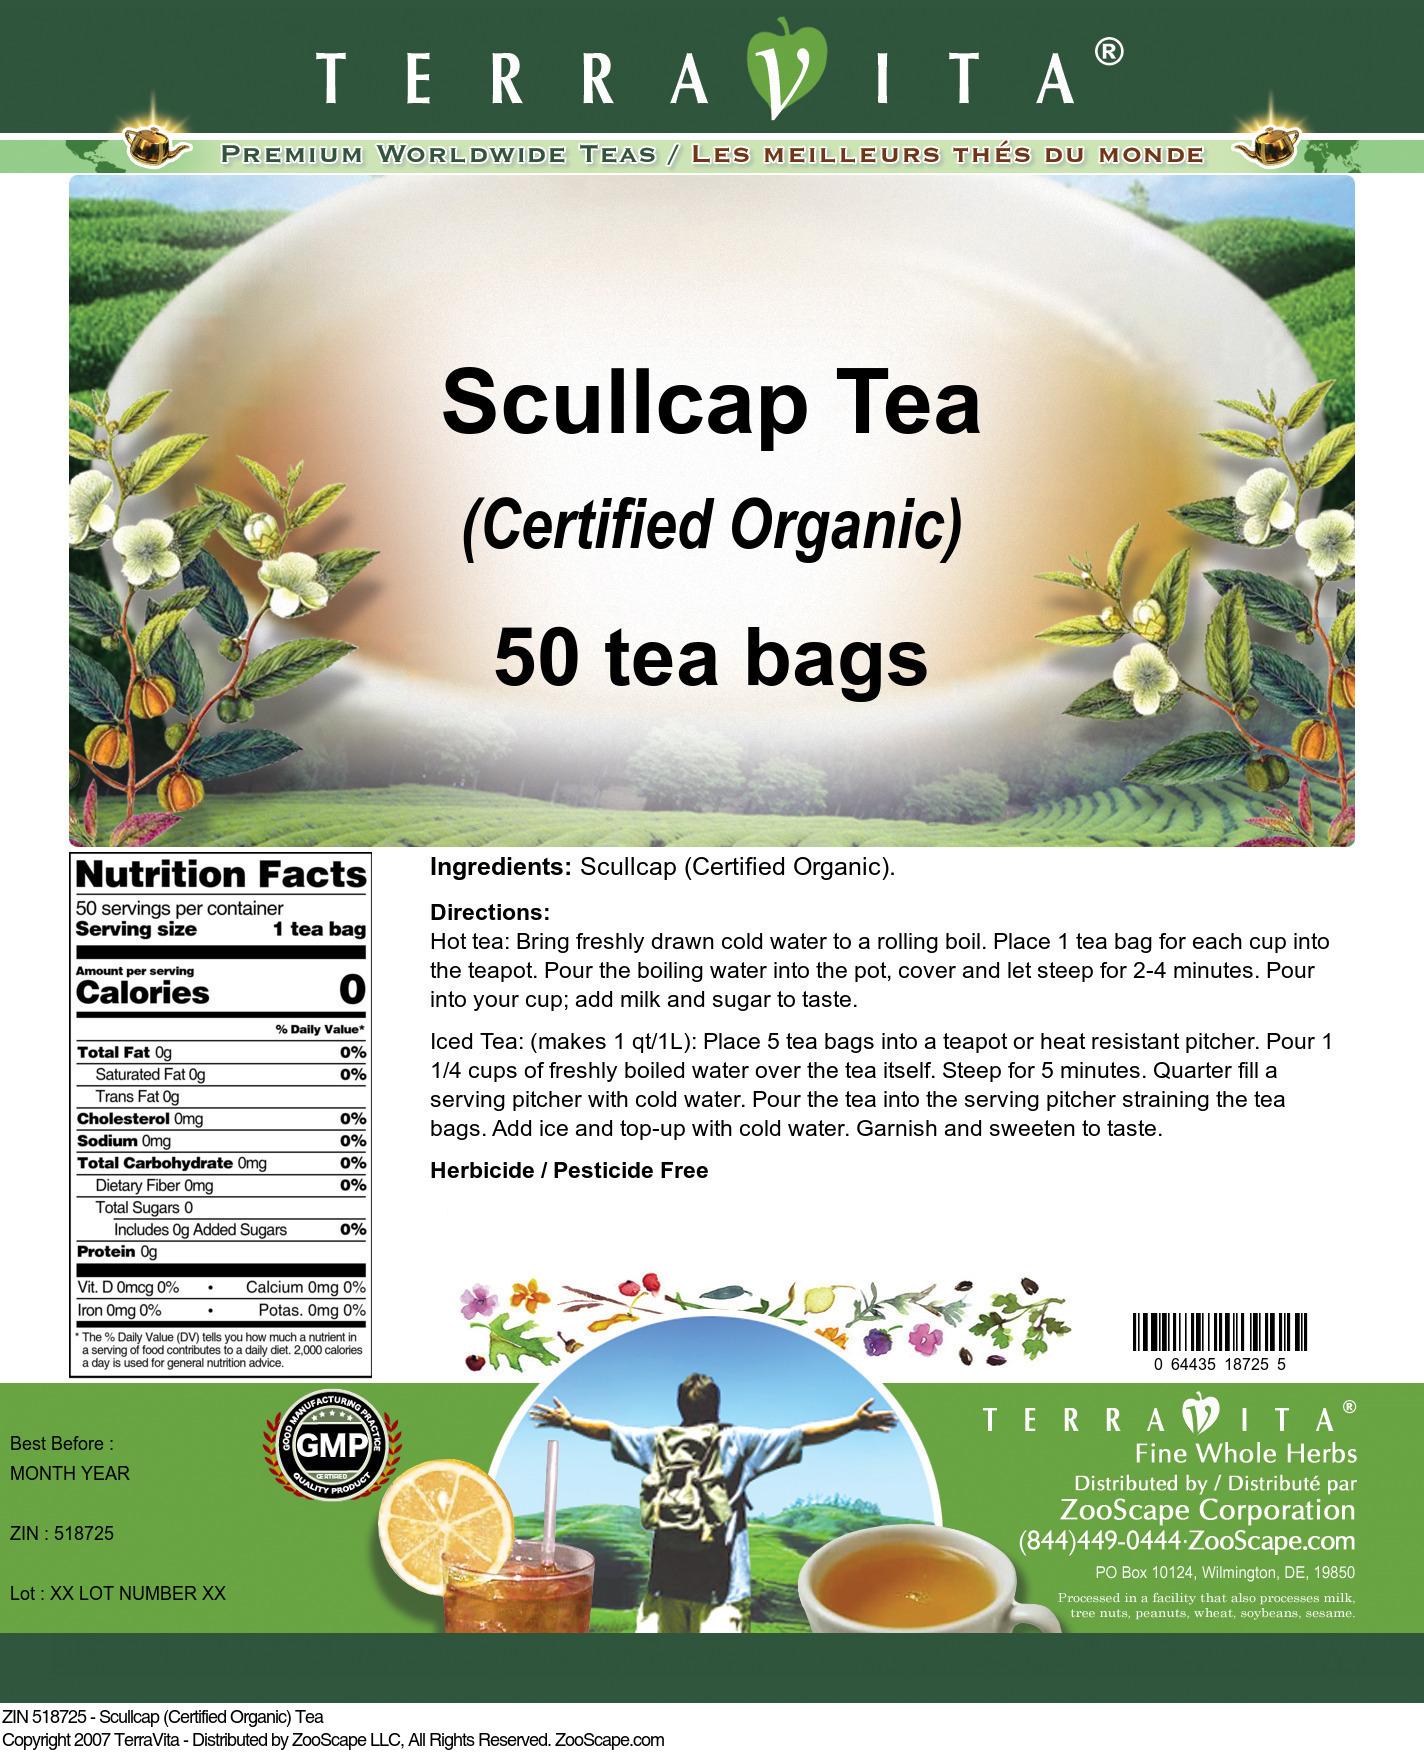 Scullcap (Certified Organic) Tea